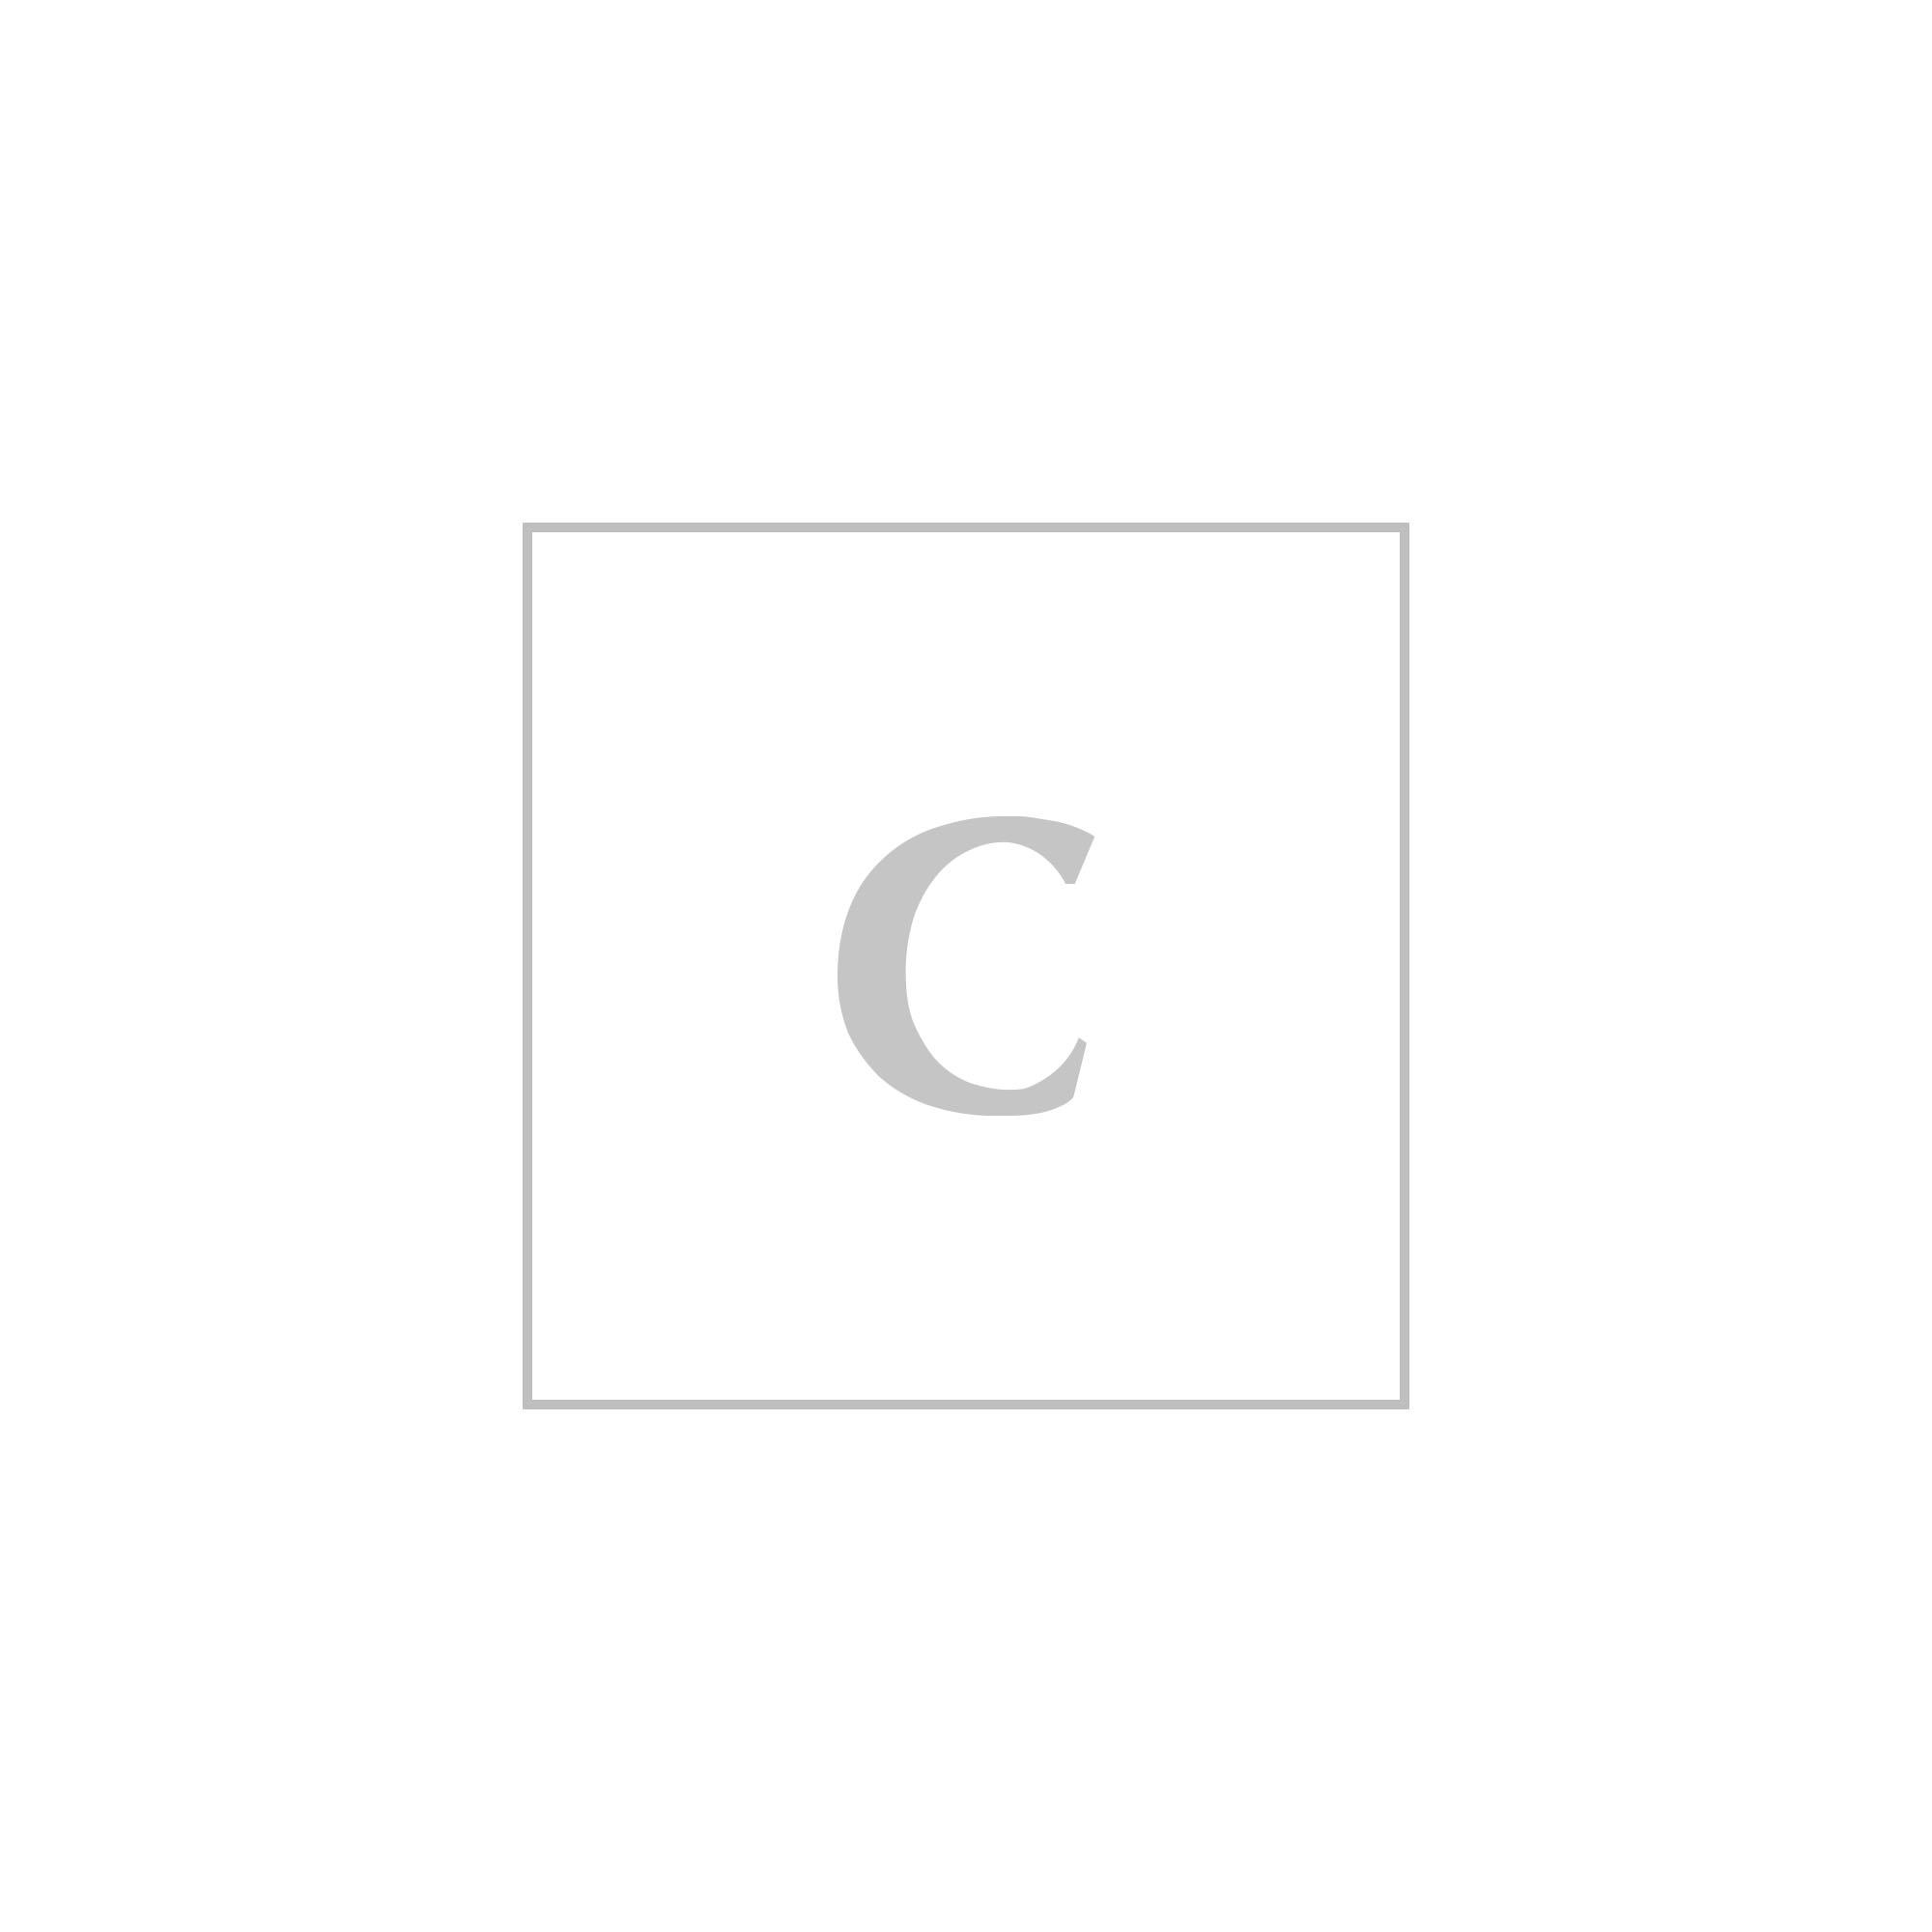 Salvatore ferragamo maglia lunga 11b540 002 cotone/seta